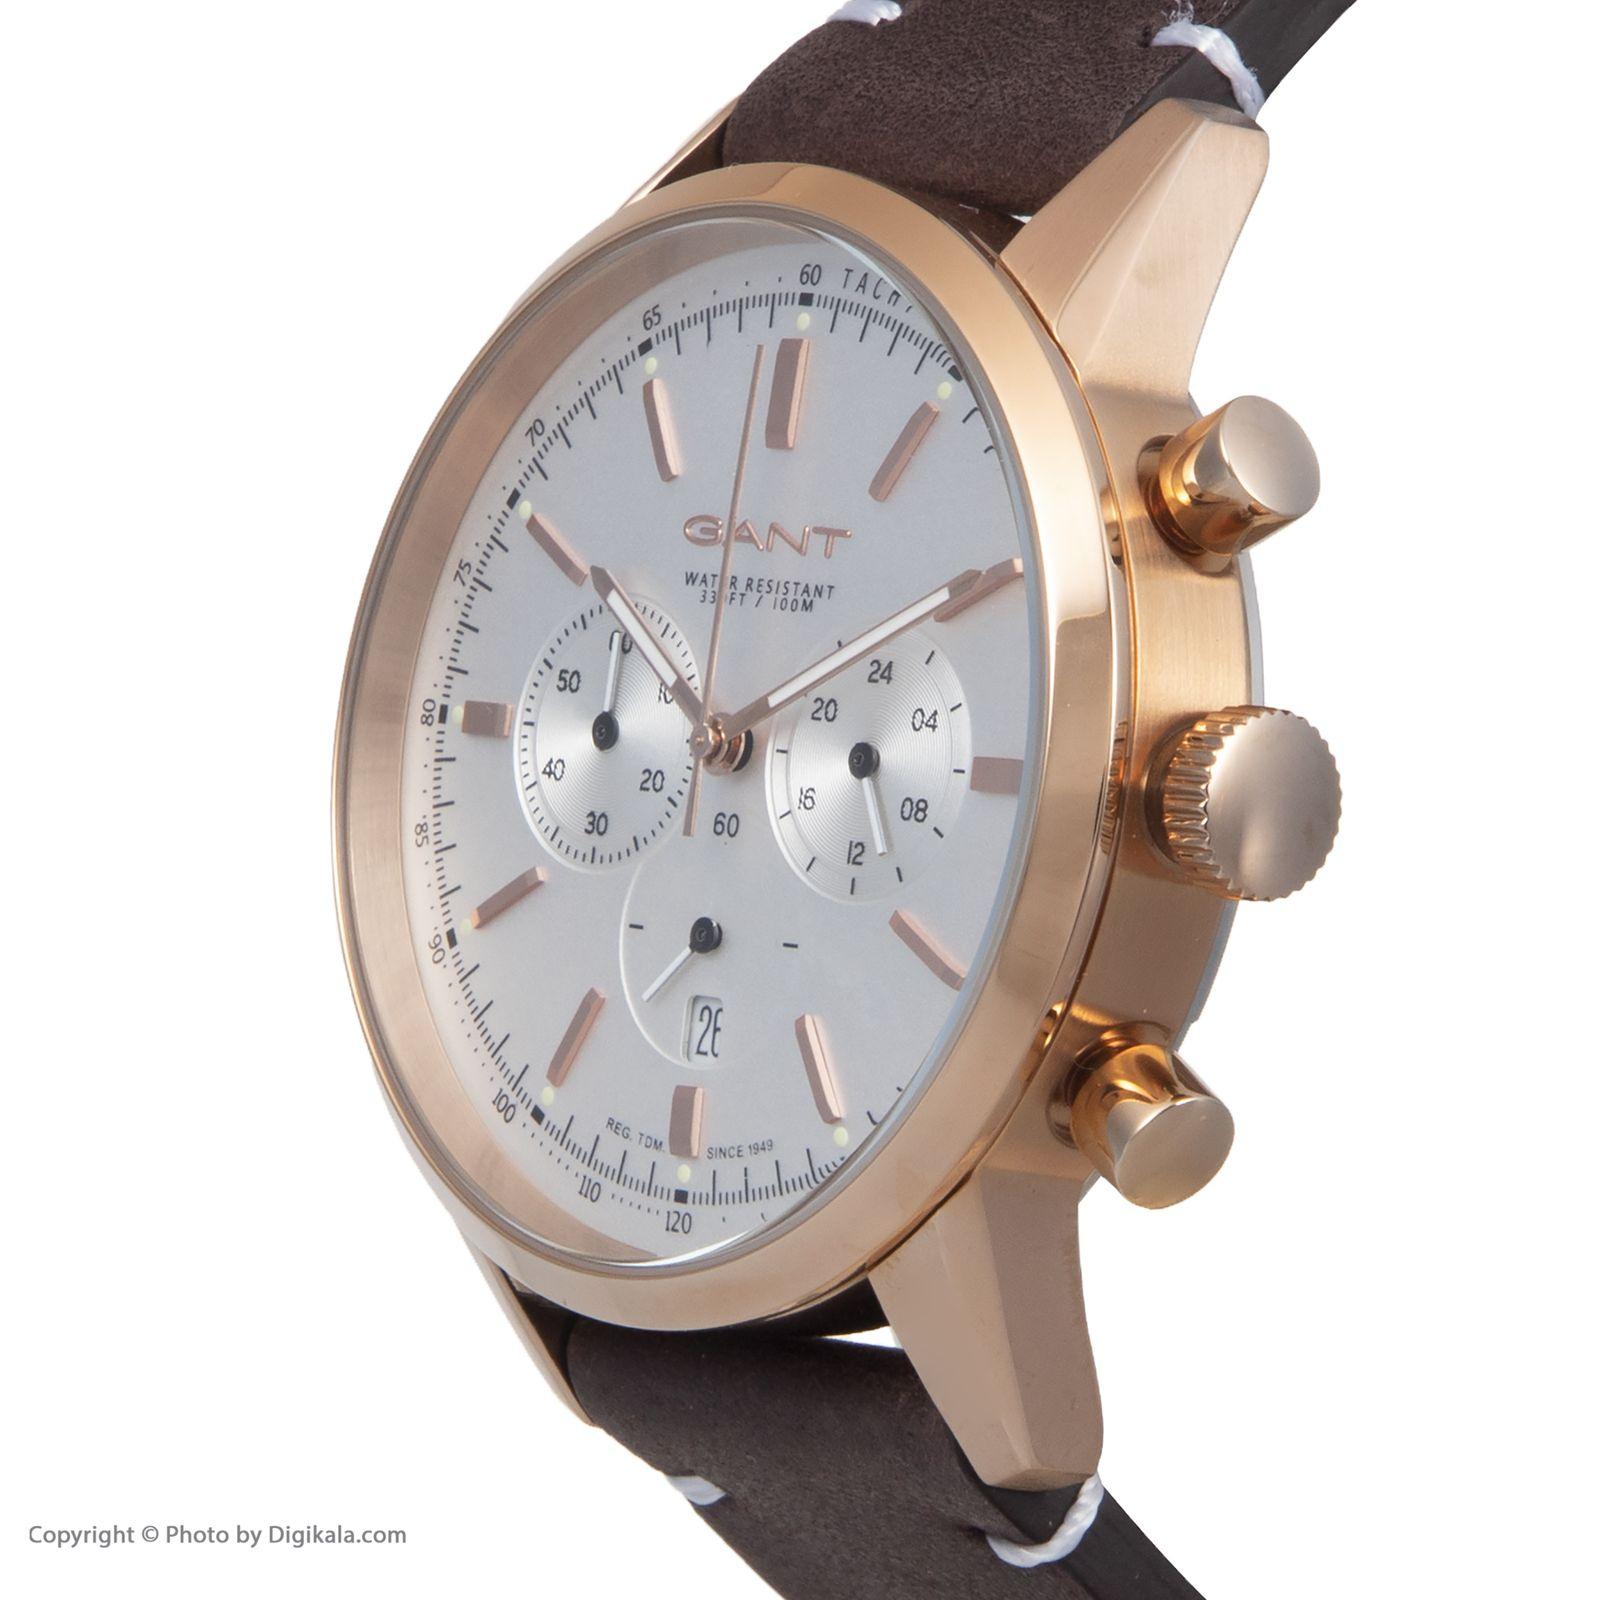 ساعت مچی عقربه ای مردانه گنت مدل GWW064003 -  - 5